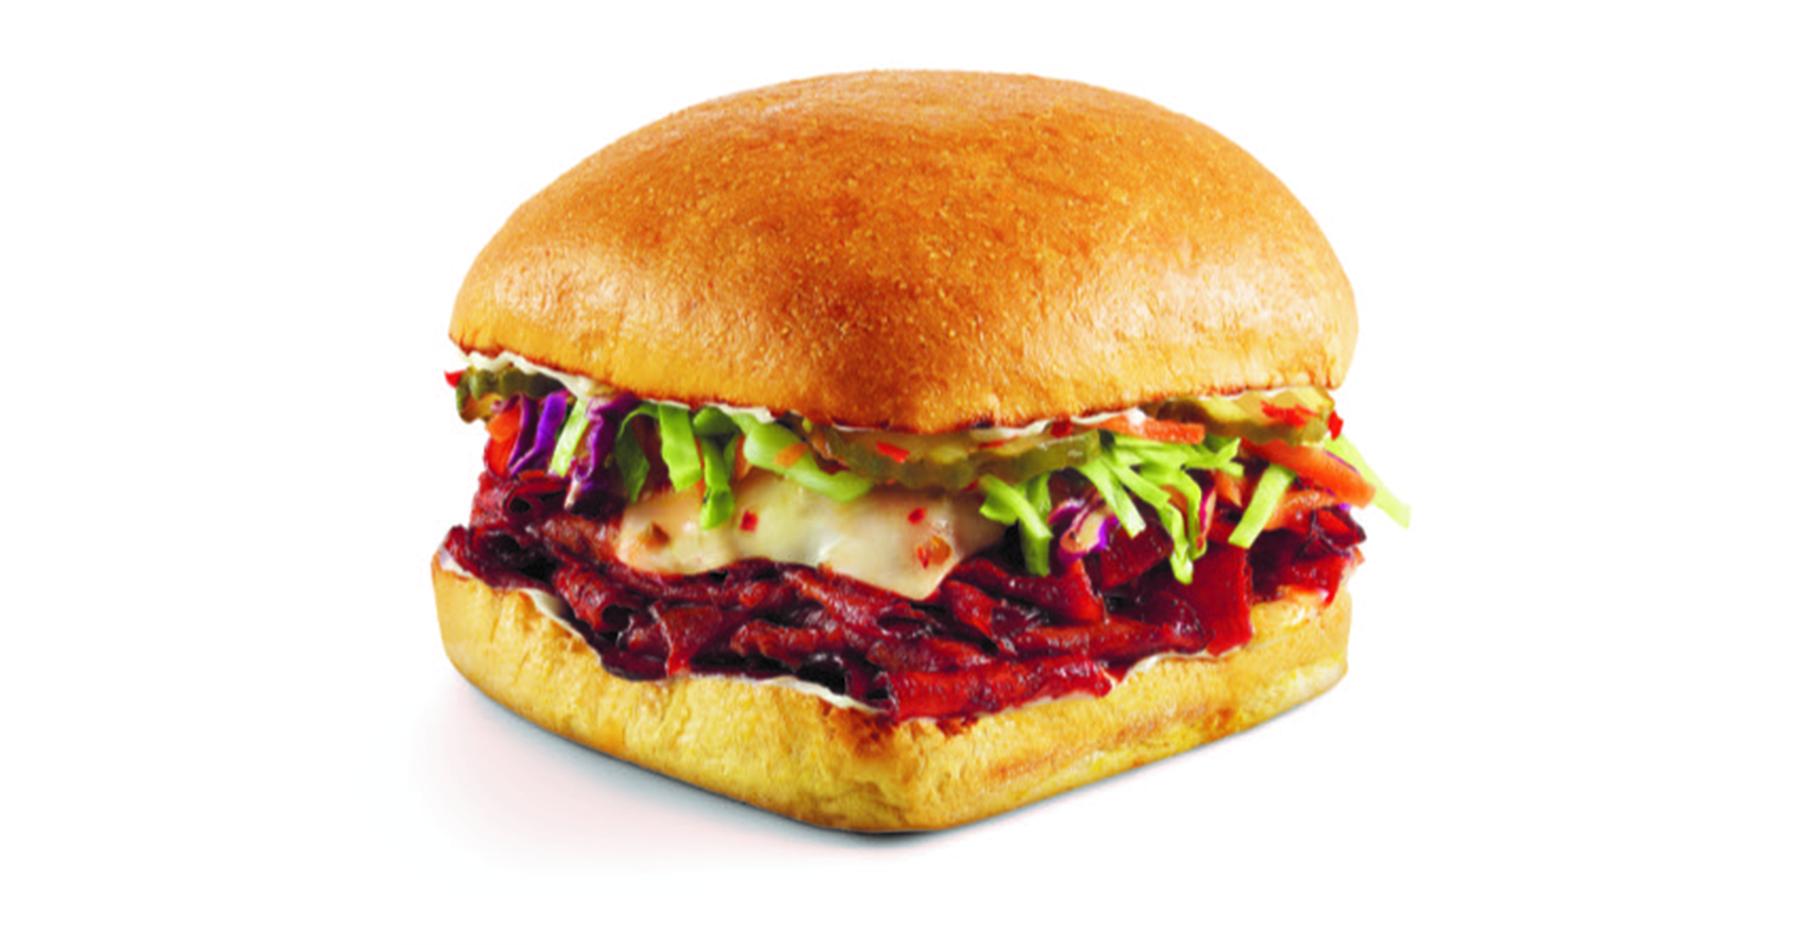 Nashville Hot Brisket Sandwich